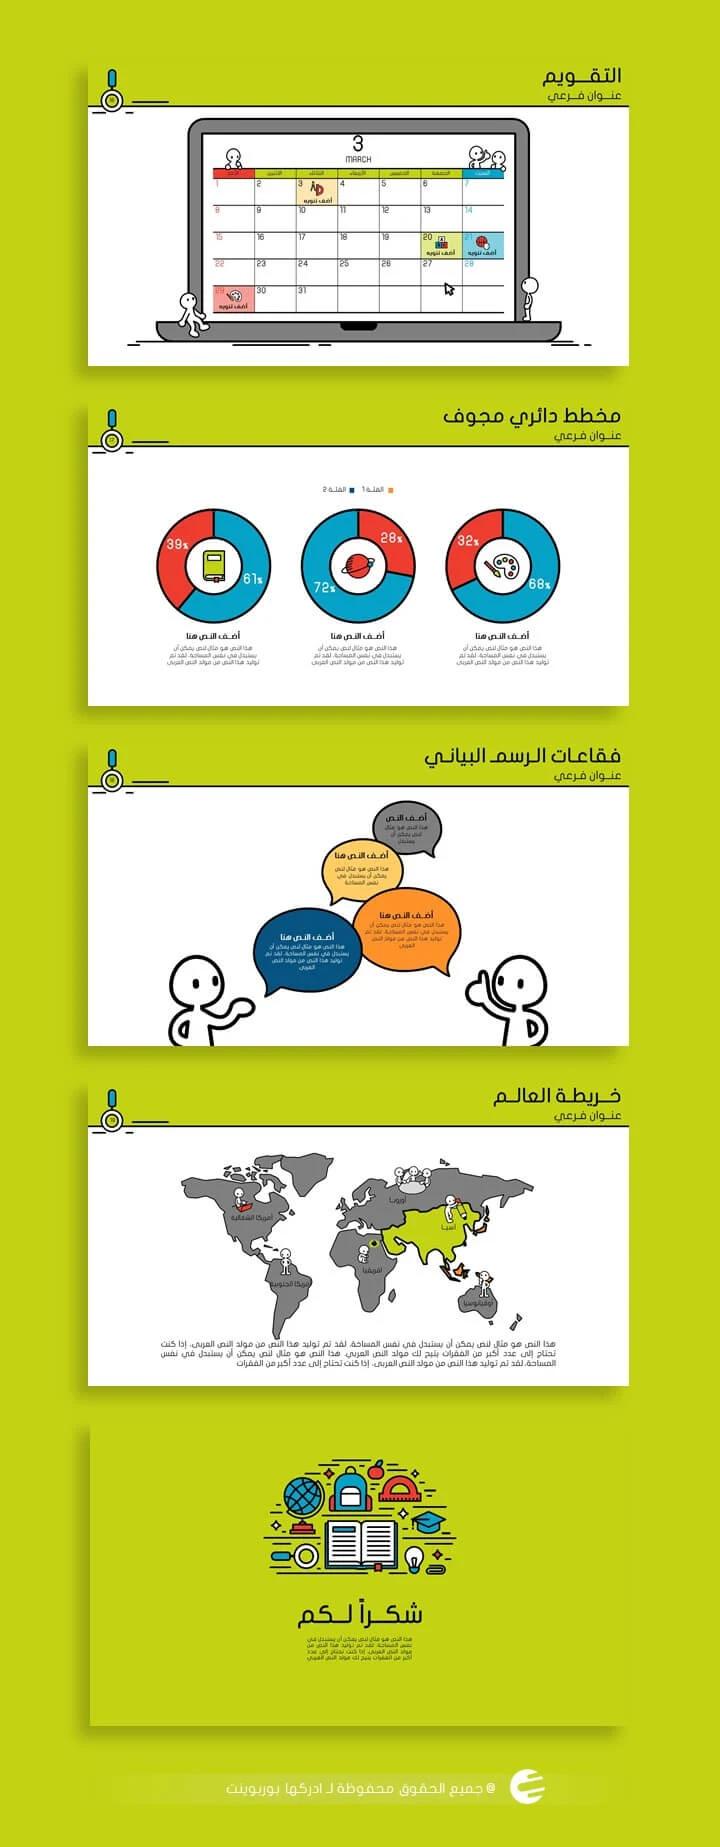 انفوجرافيك بوربوينت تعليمي جاهز لرياض الأطفال حتى المرحلة الثانوية ادركها بوربوينت Education Presentation Life Habits